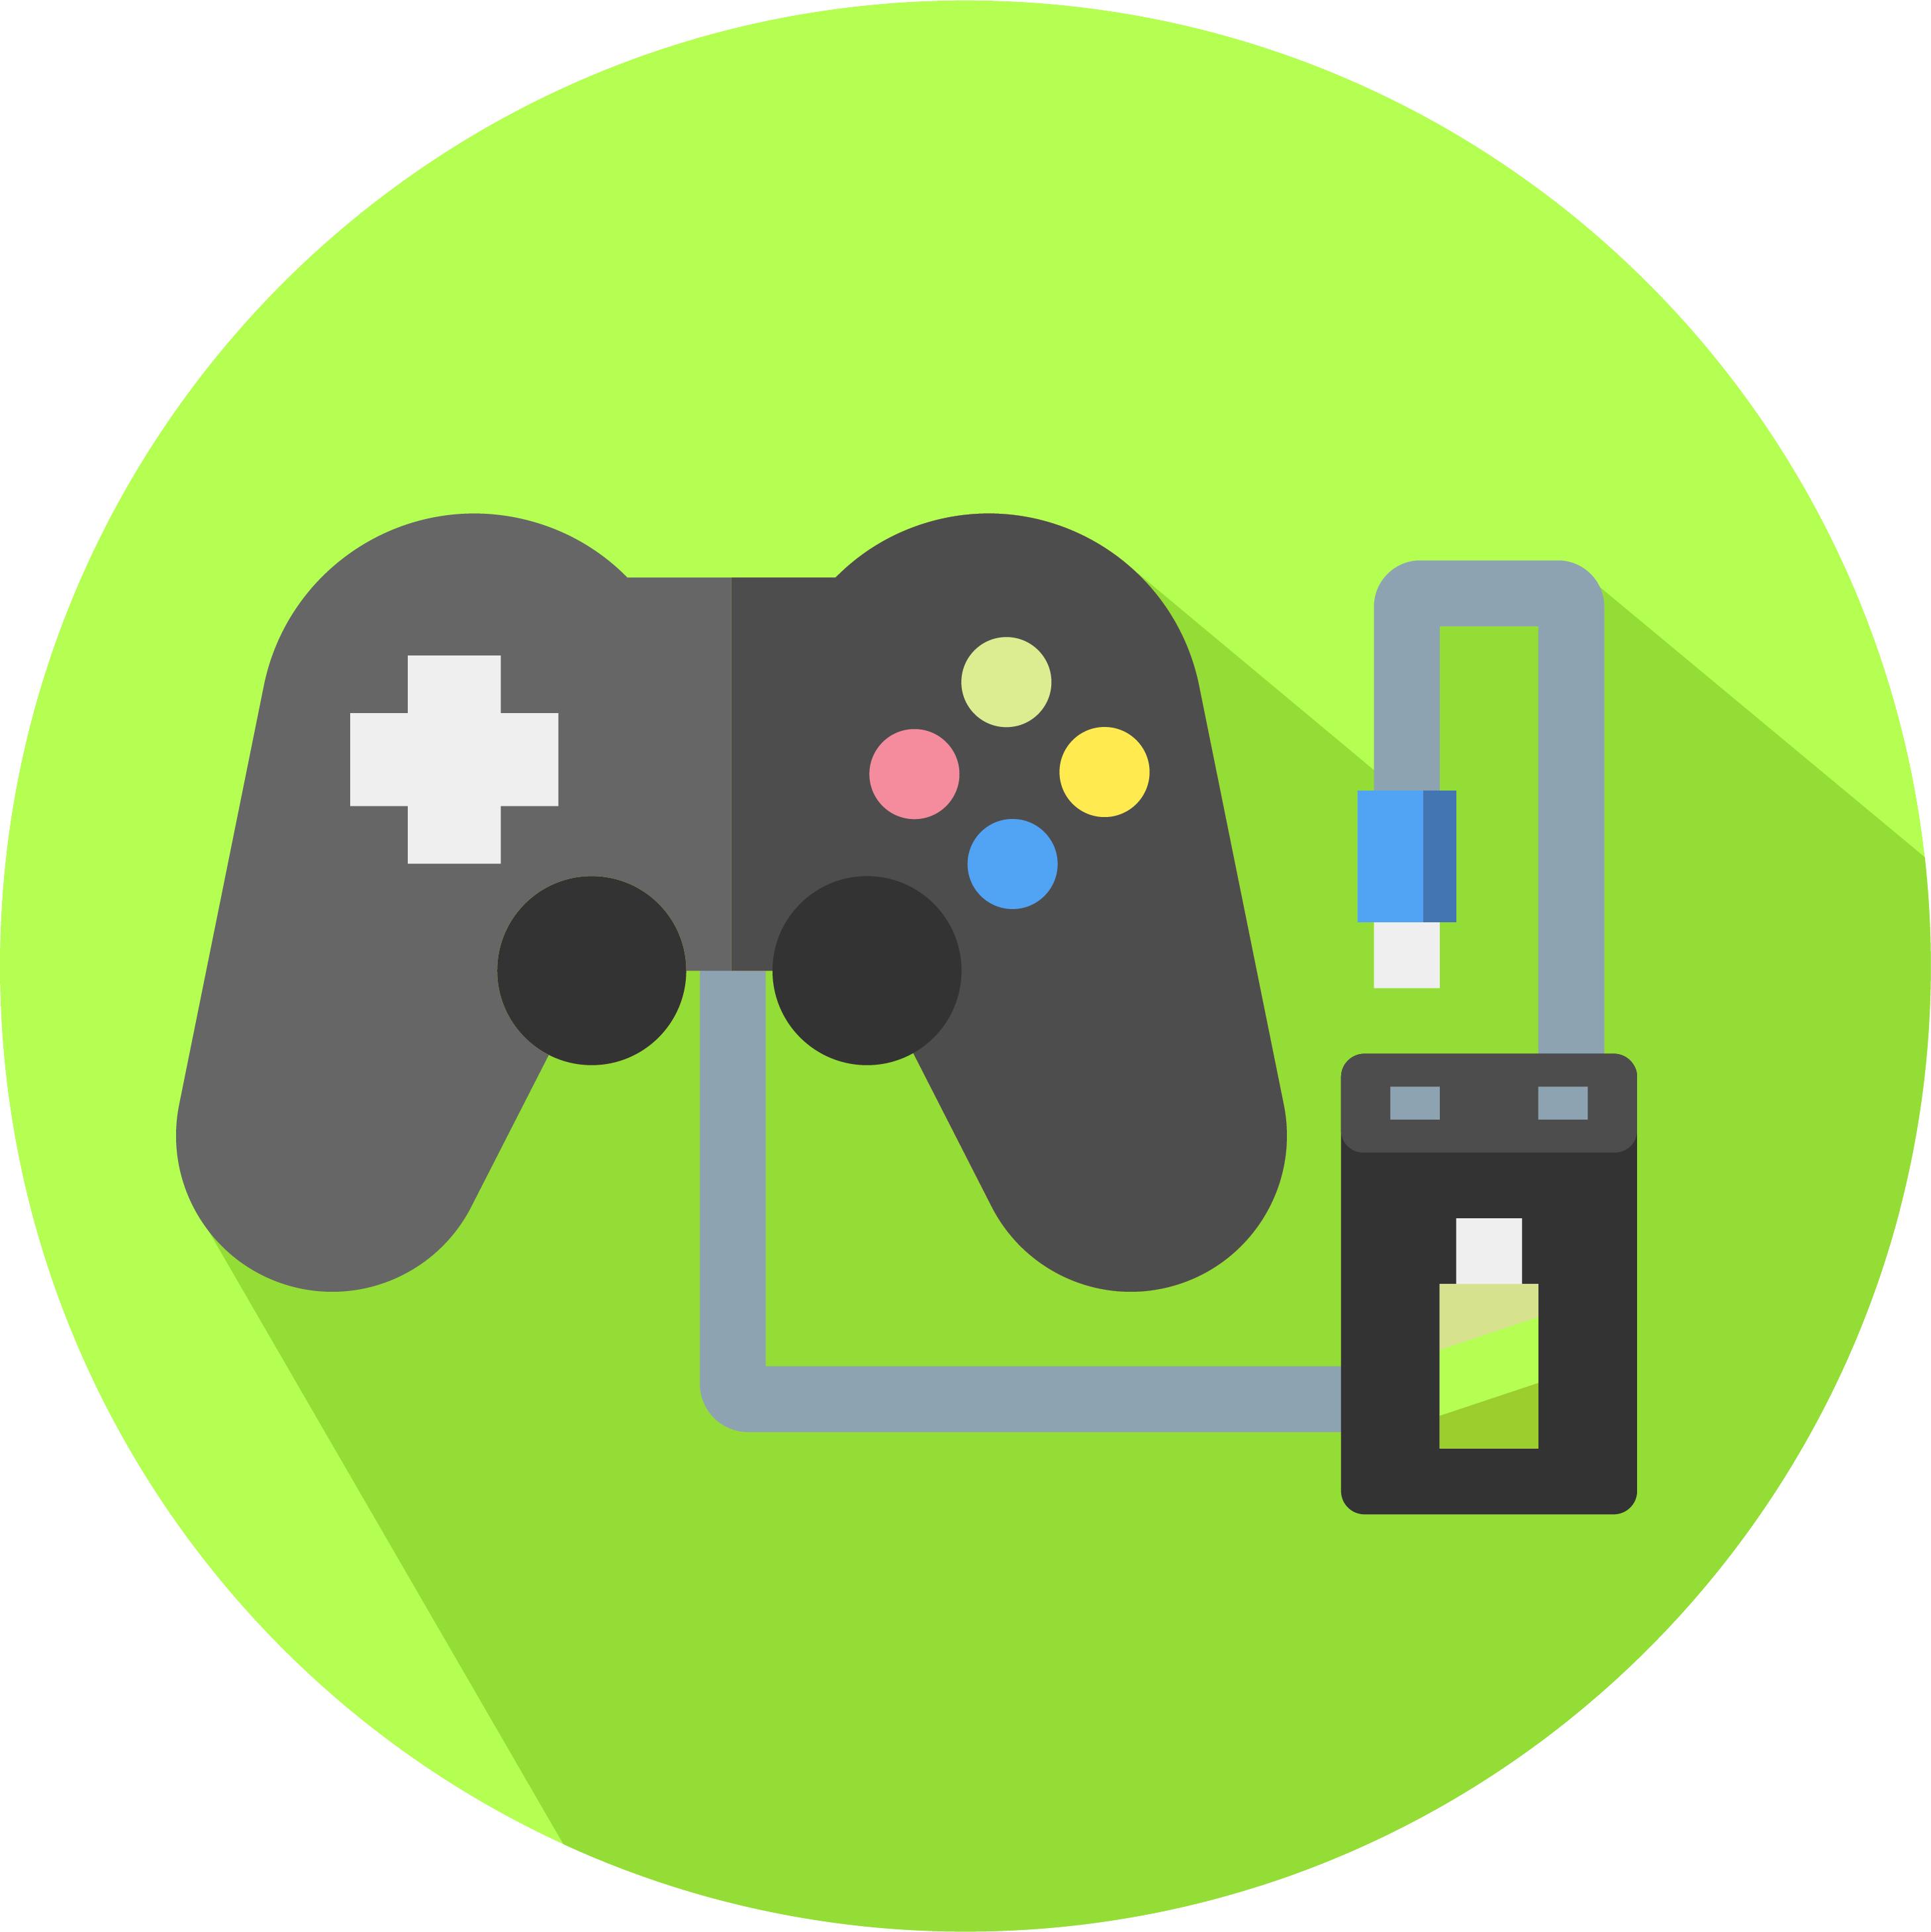 Jocuri video, accesorii și electrice